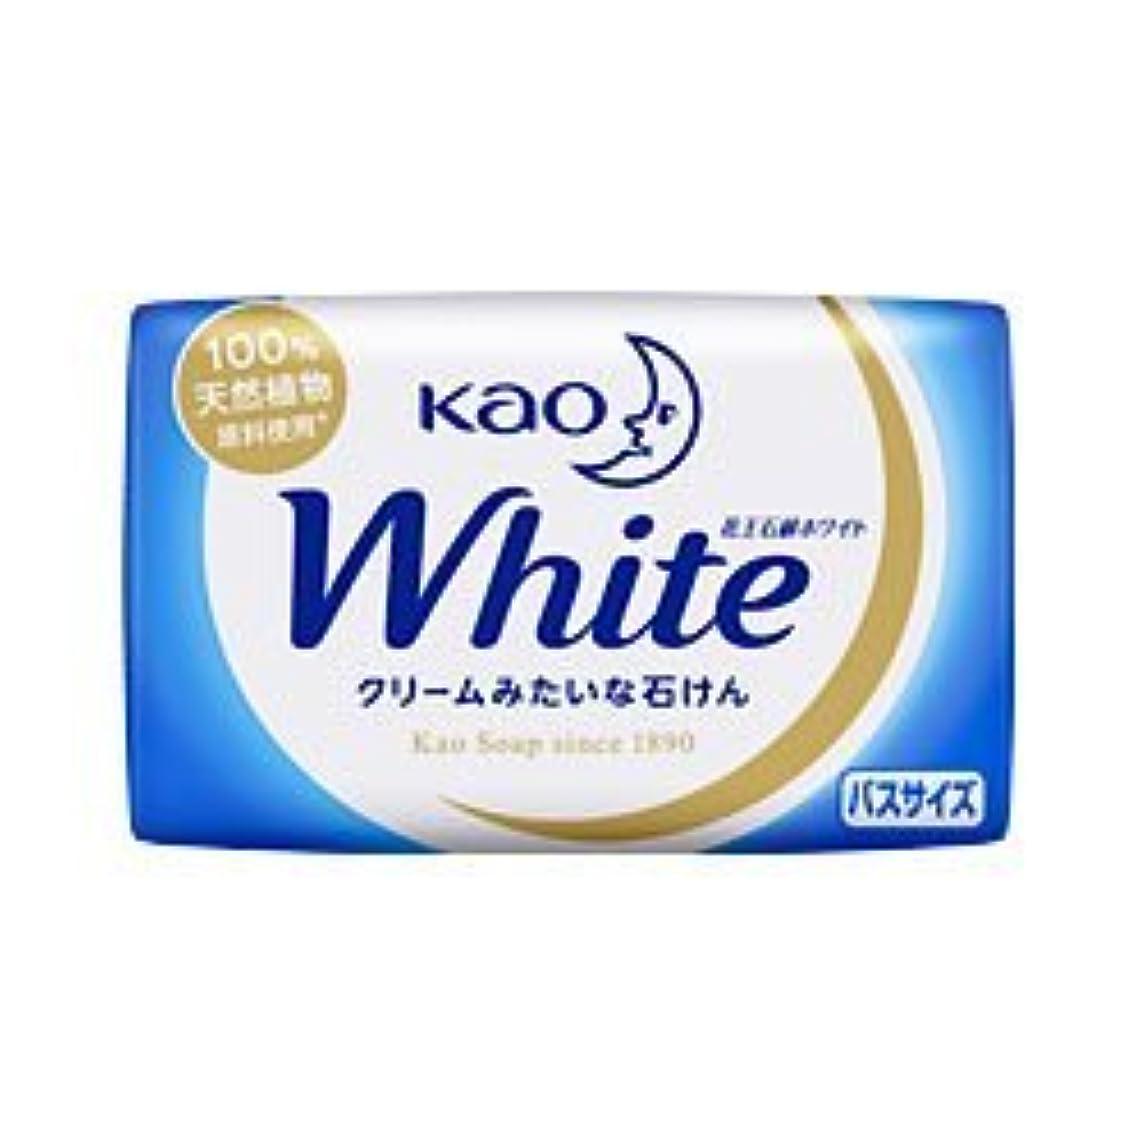 ツールリスキーな孤児【花王】花王ホワイト バスサイズ 1個 130g ×10個セット